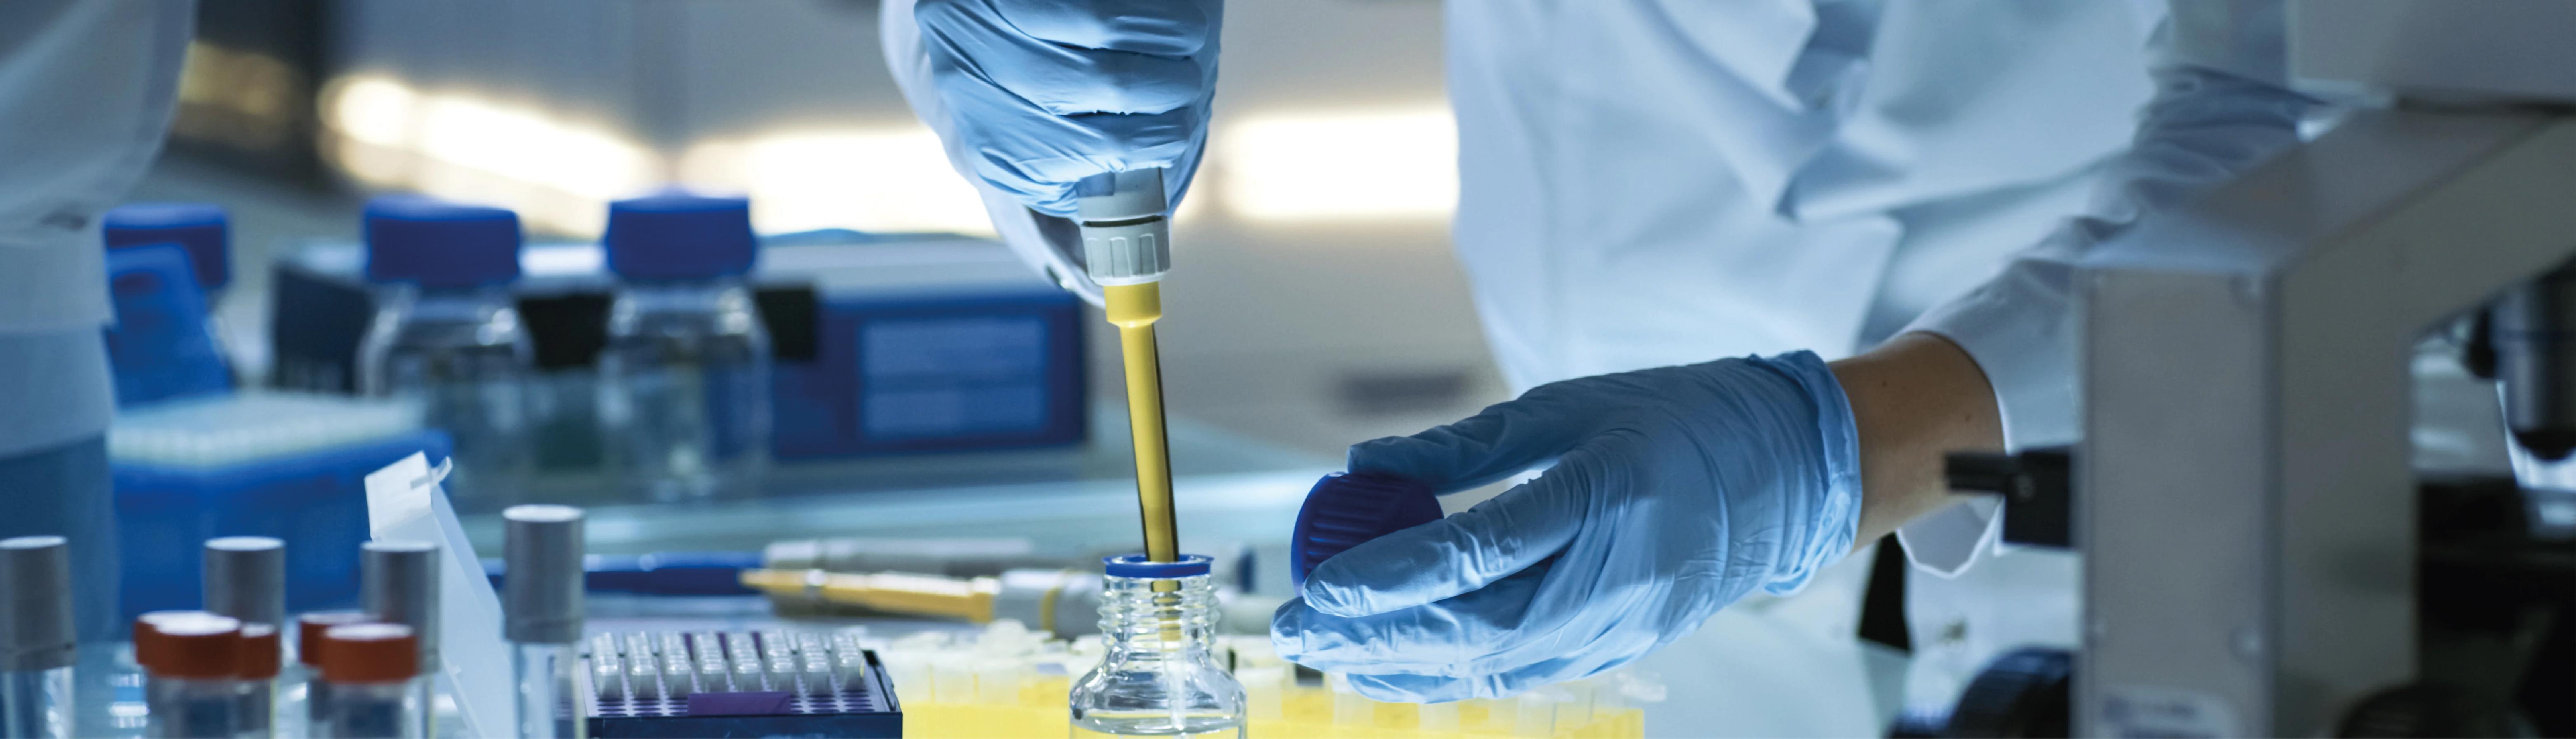 Protein & Gen İfade Analizi DNA/RNA İzolasyonu Hizmetleri Mikrobiyal Kültür Hizmetleri 16s rRNA Bakteriyel Genotiplendirme Genom Mühendisliği Antikor & Enzim Mühendisliği